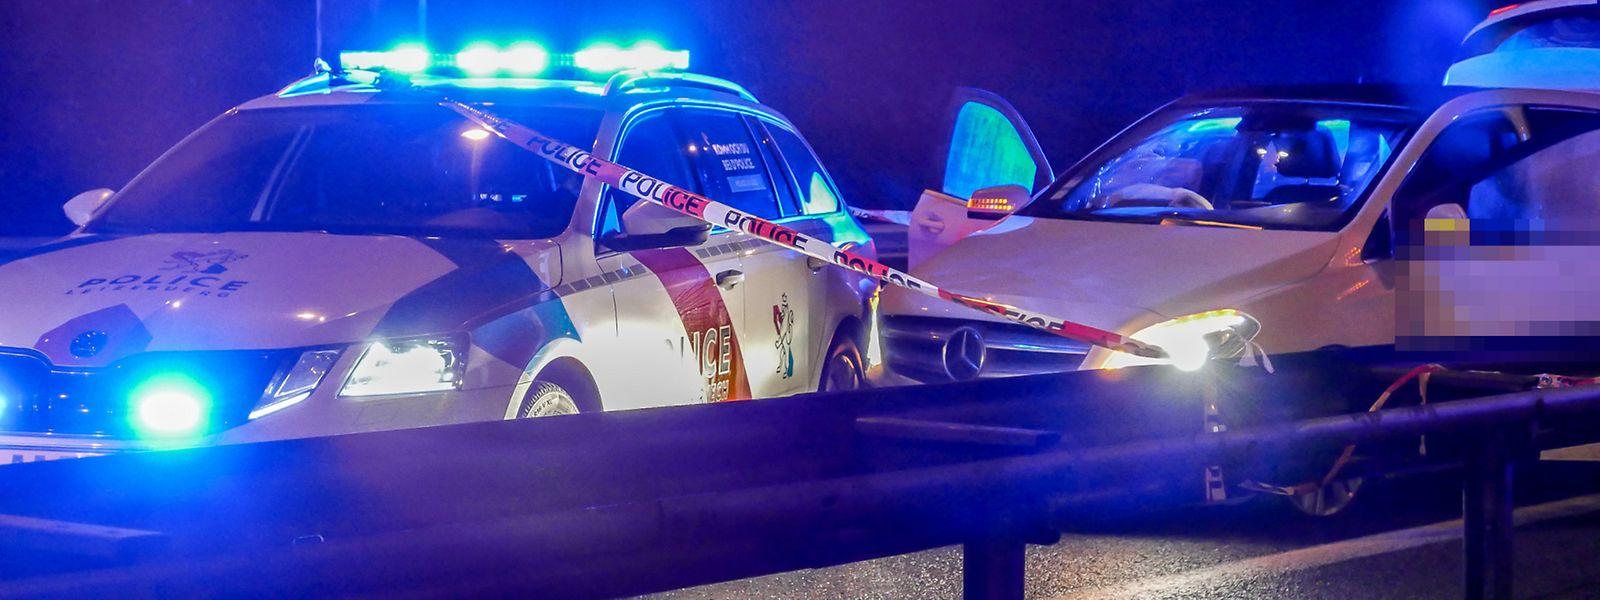 Der Mercedes musste von zwei Polizeiautos ausgebremst werden.